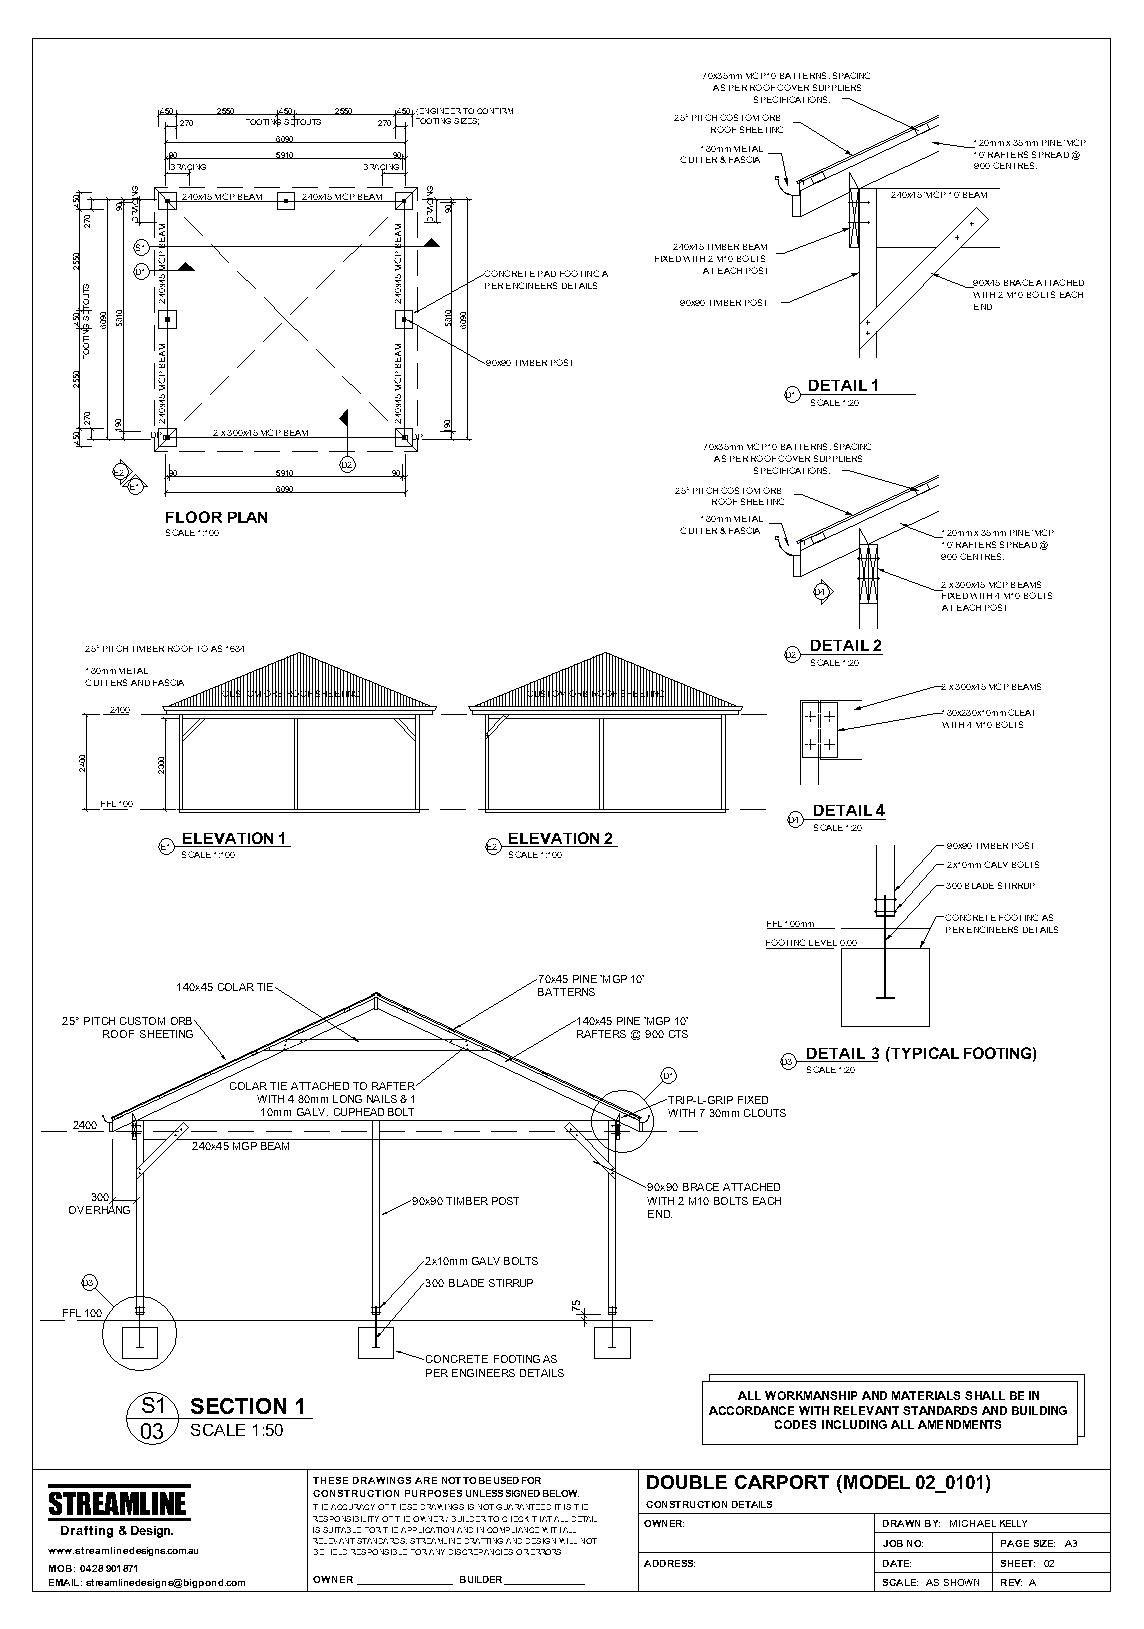 Download Free Carport Plans Building With Images Carport Plans